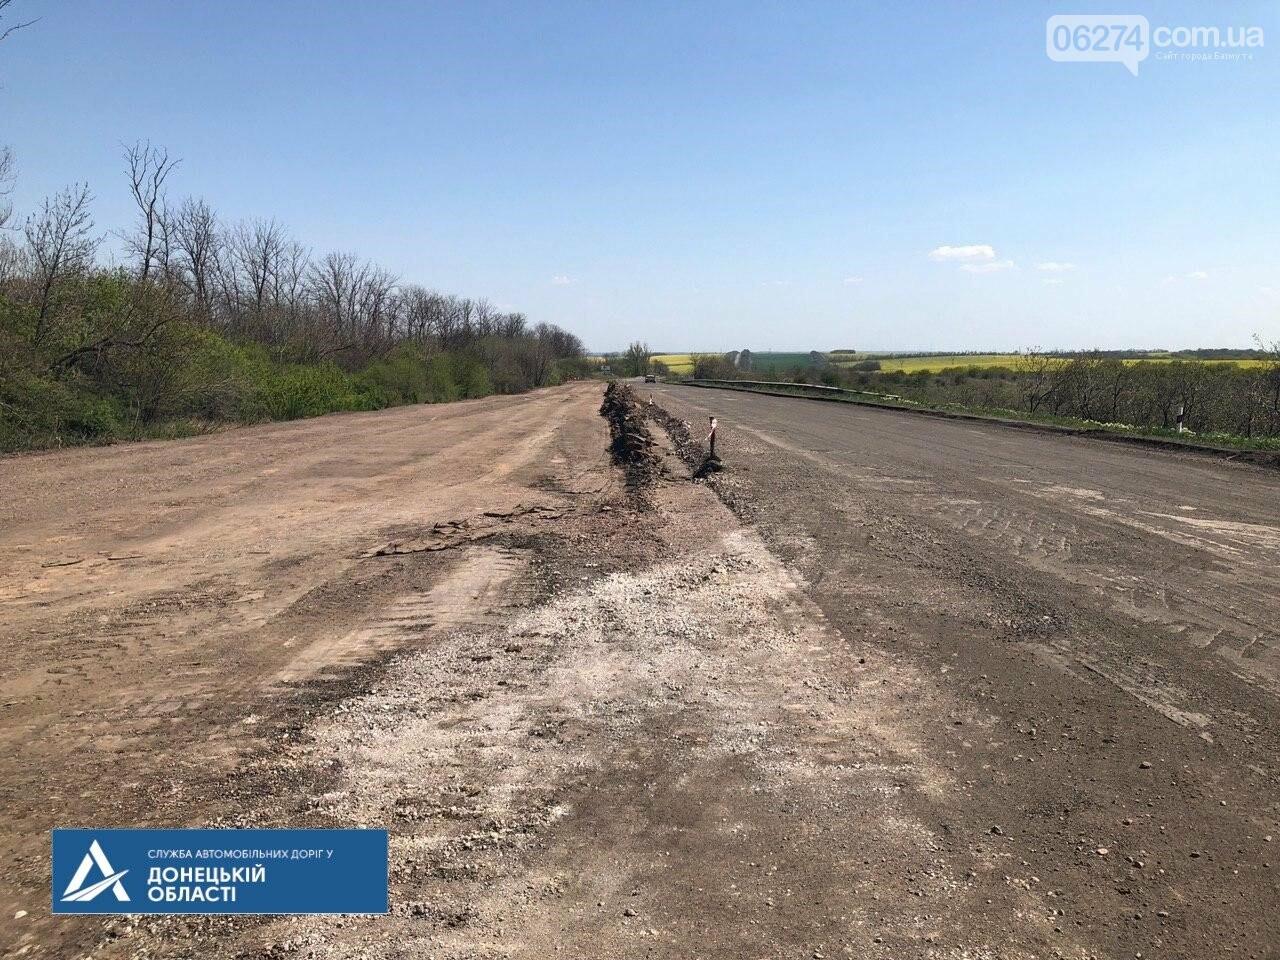 Начался ремонт участка трассы от Славянска до Бахмута, фото-3